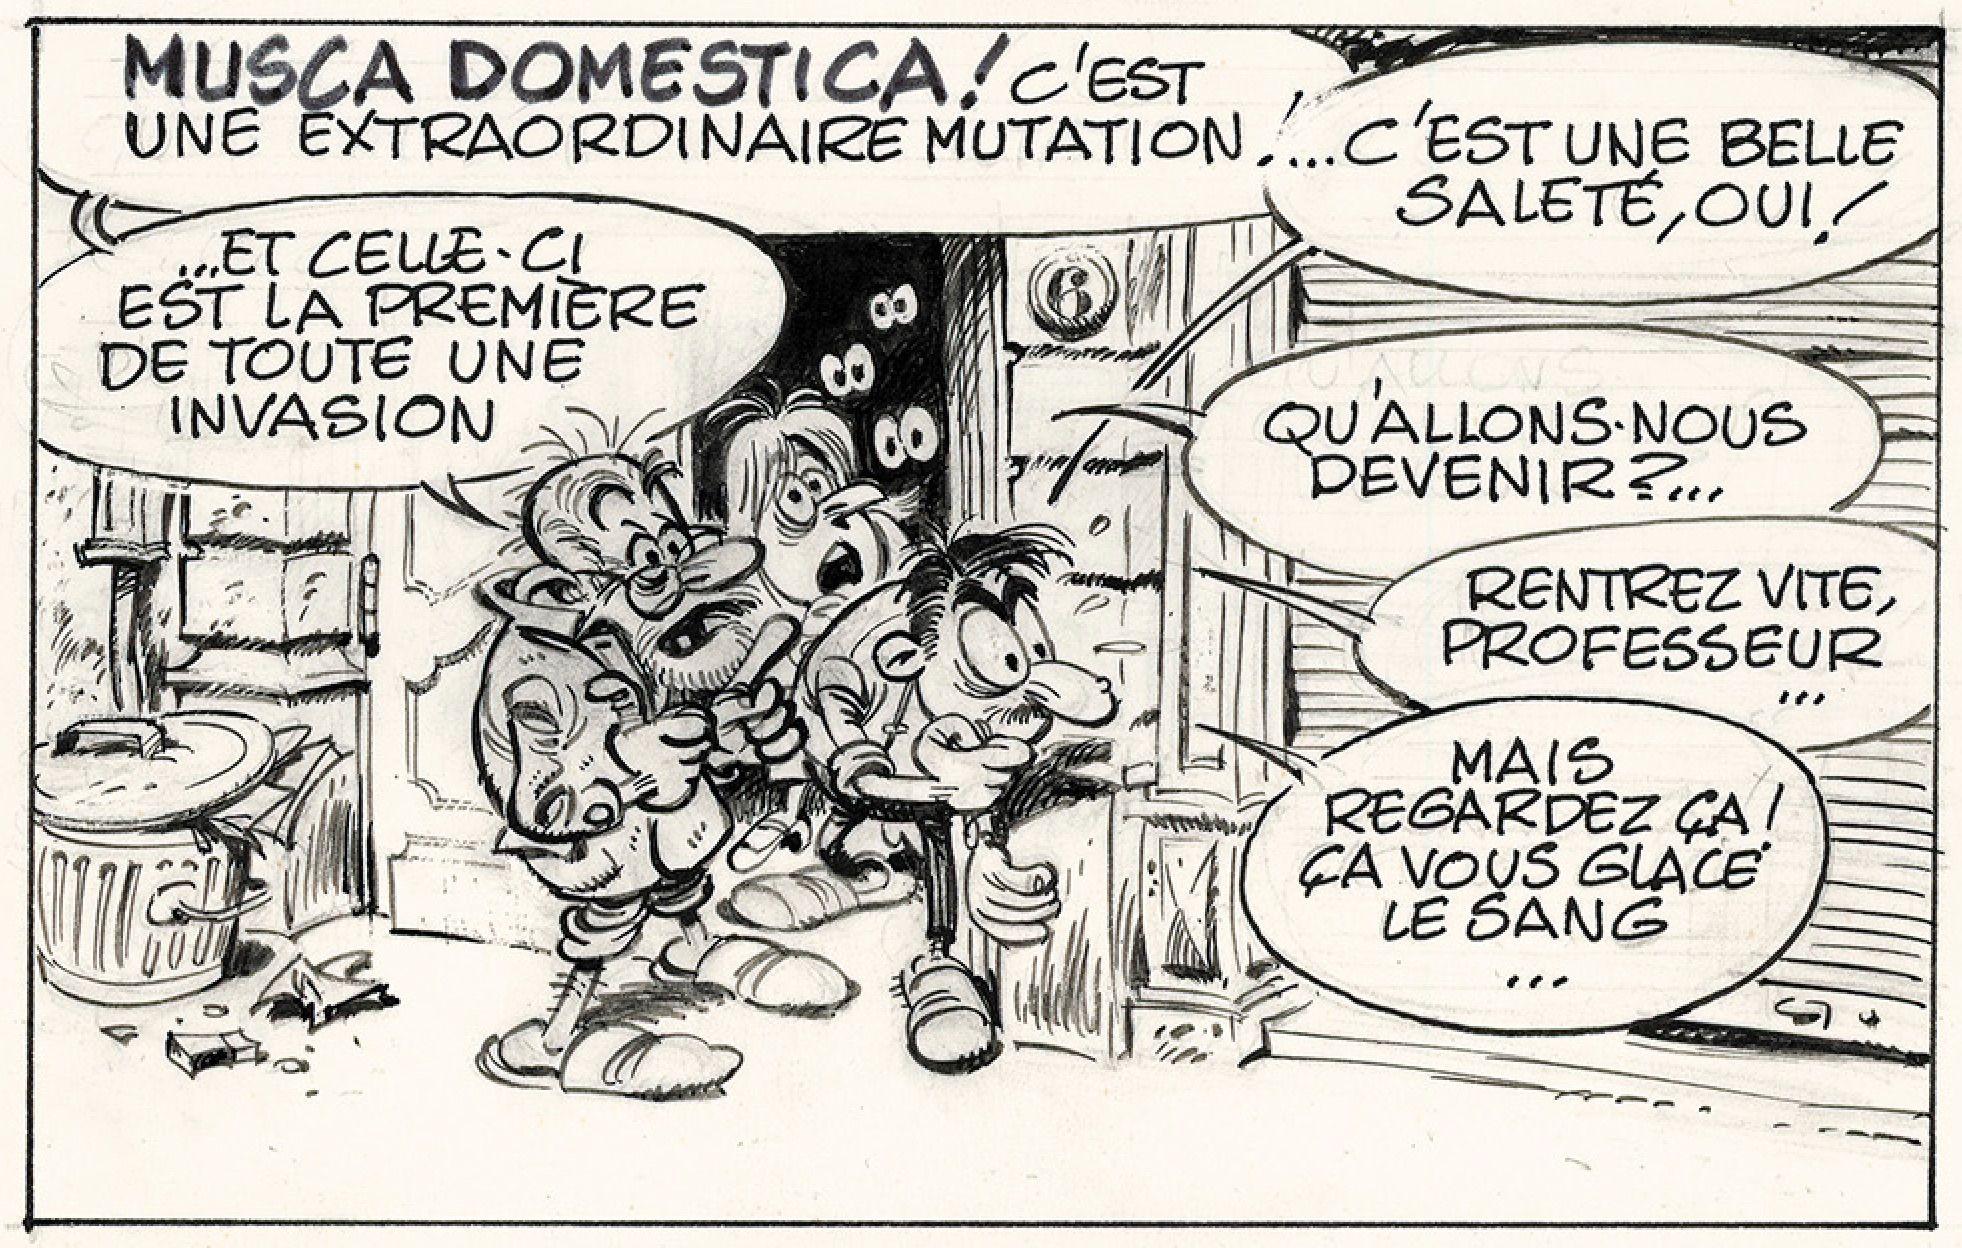 franquin-le-vieux-professeur-avec-un-air-de-delporte-3hj3.jpg (1962×1248)